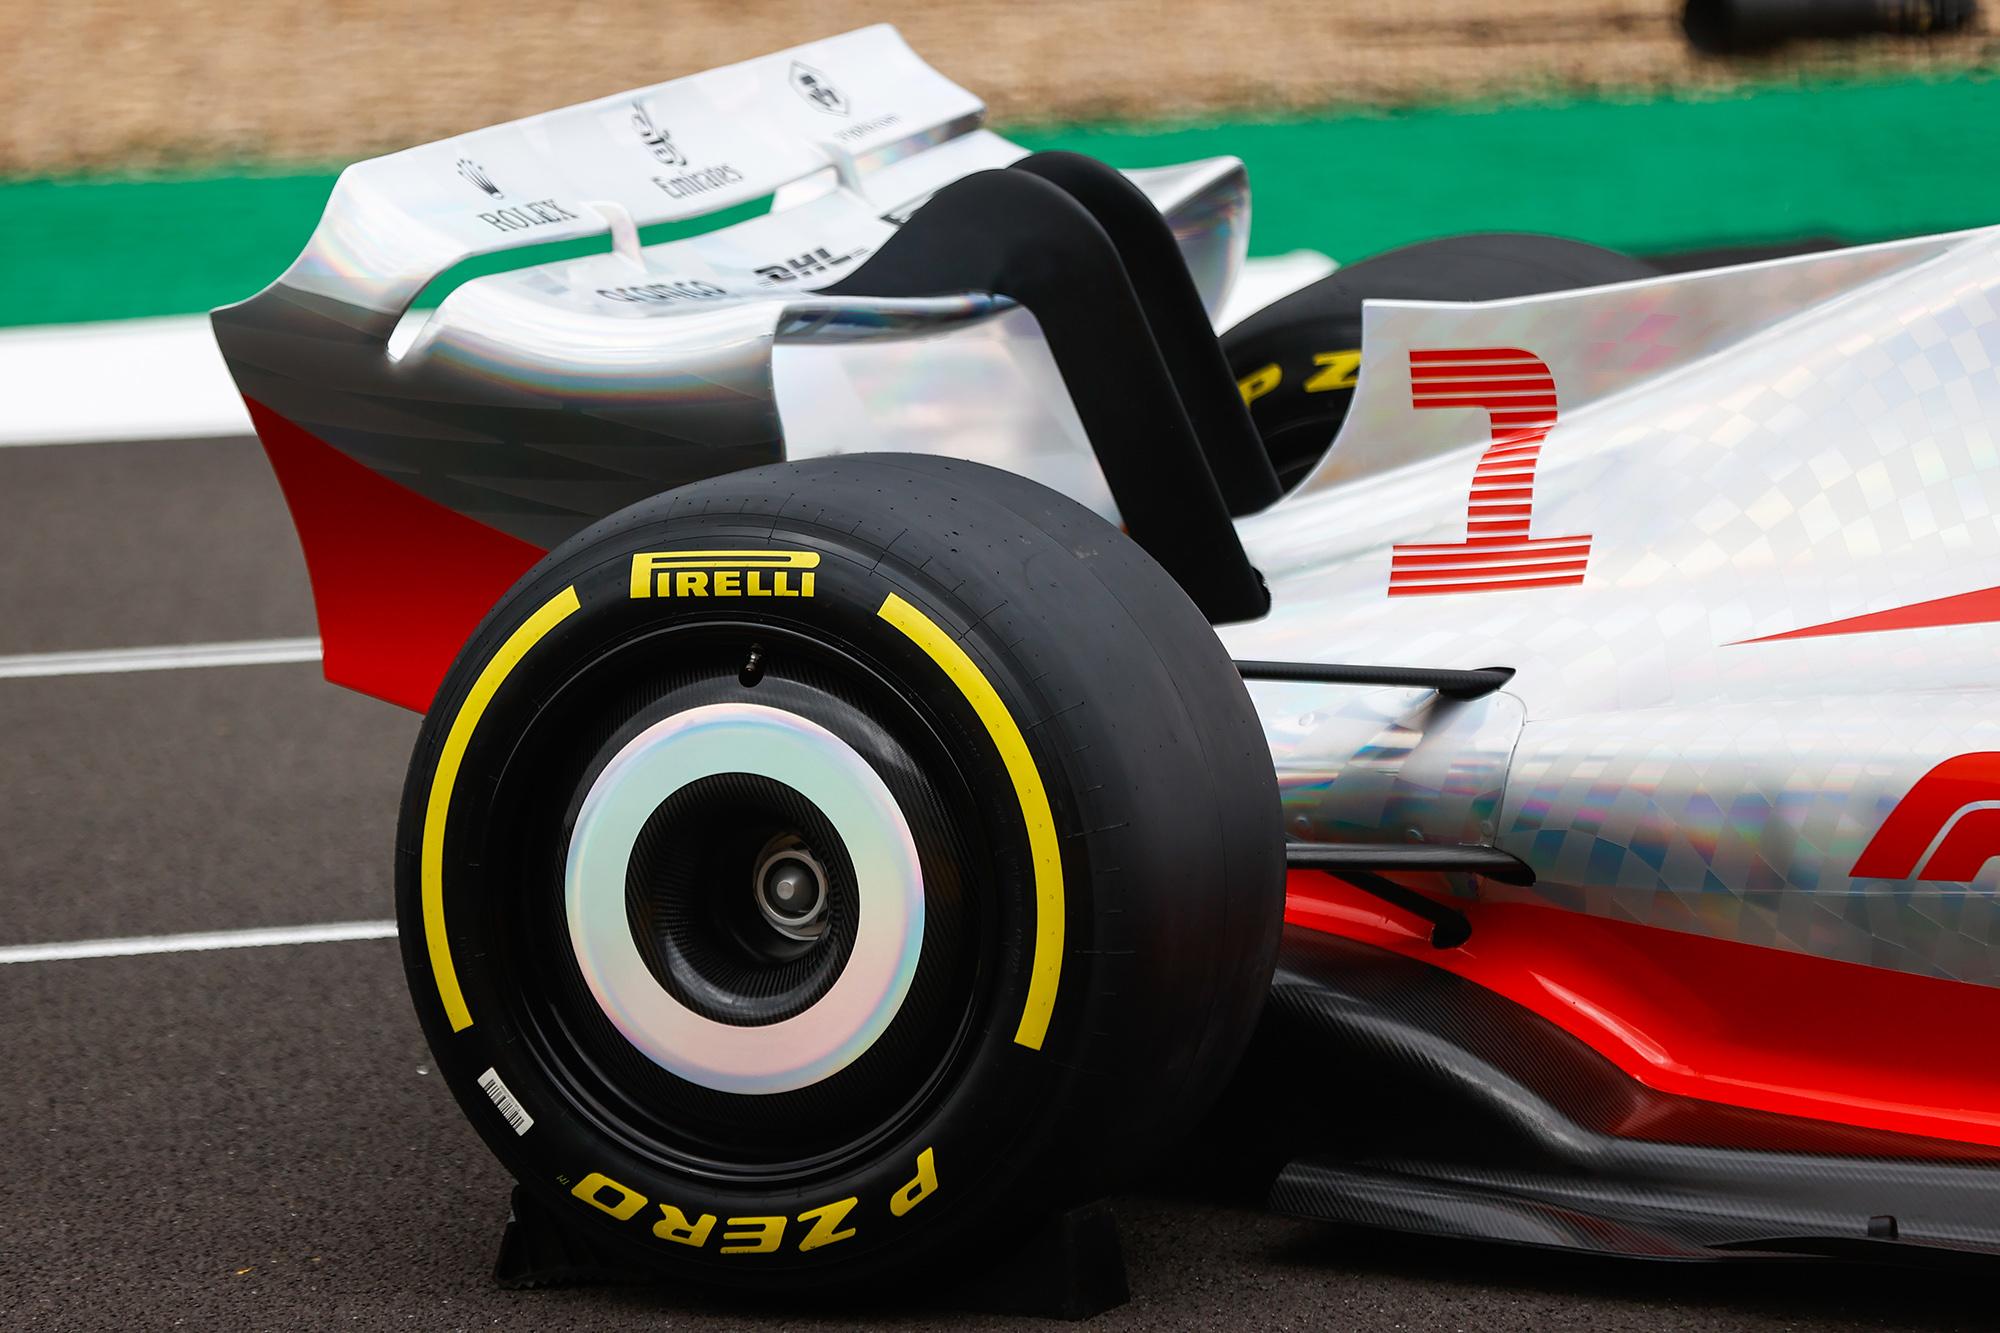 Pneu do carro-conceito da F1 para 2022